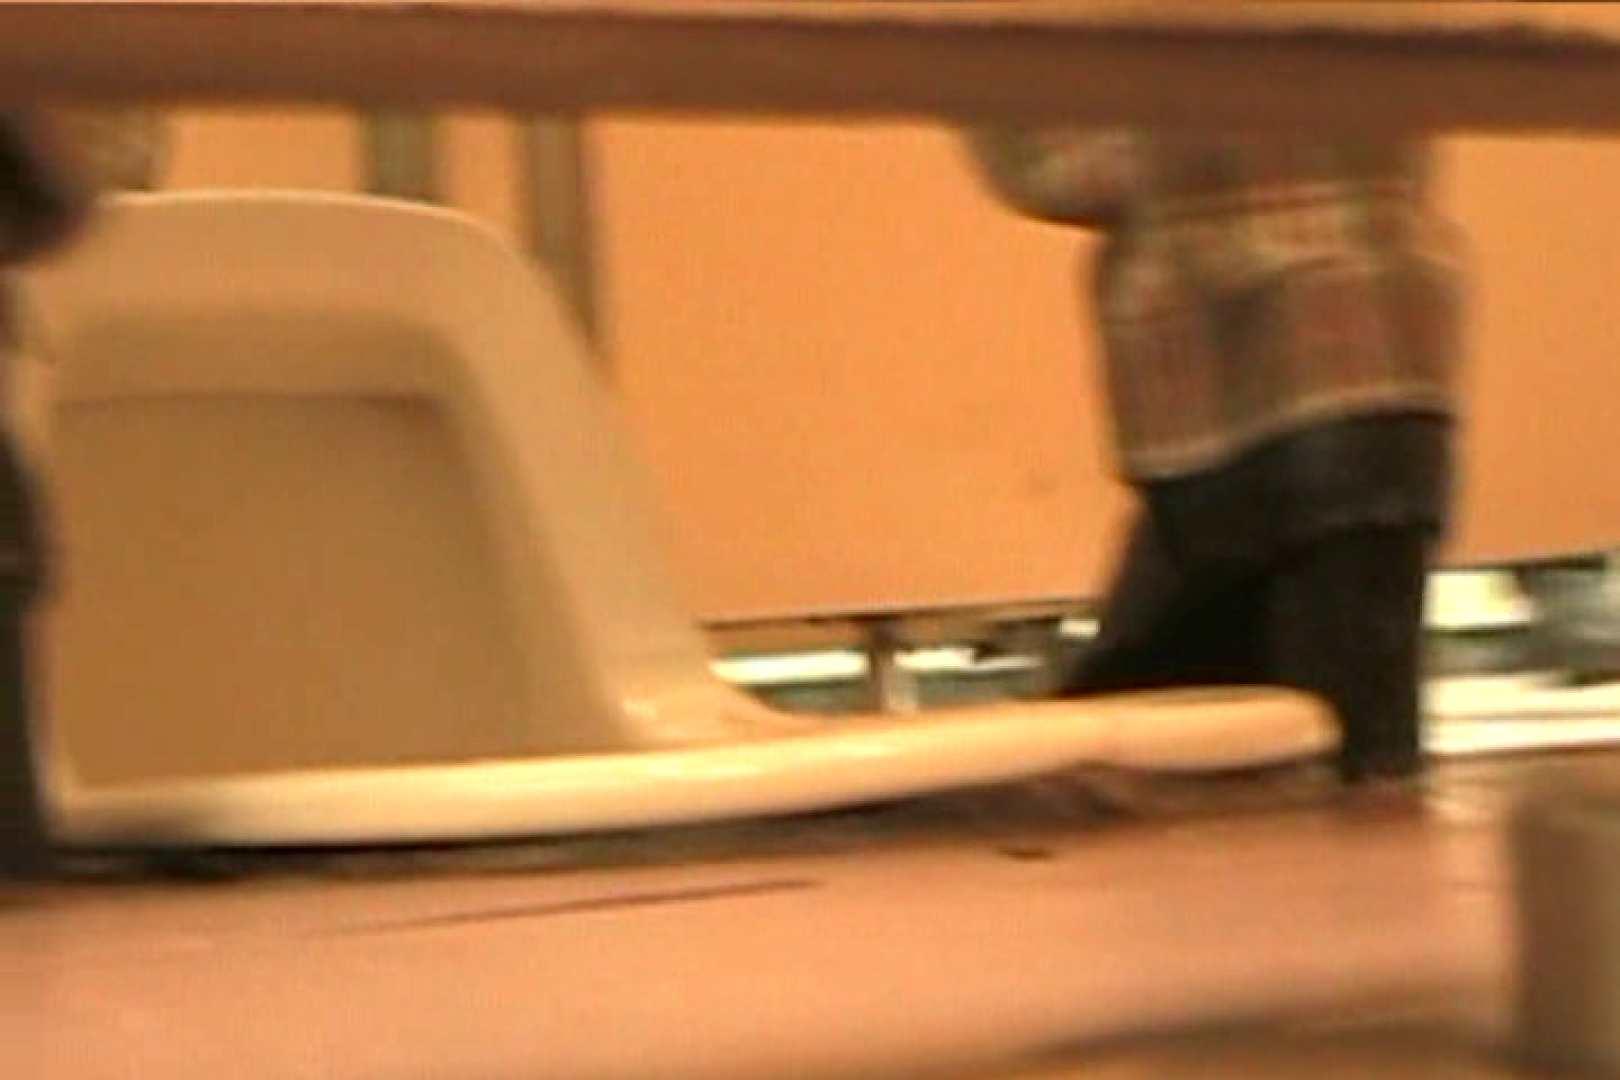 マンコ丸見え女子洗面所Vol.38 洗面所 盗撮われめAV動画紹介 100PICs 10